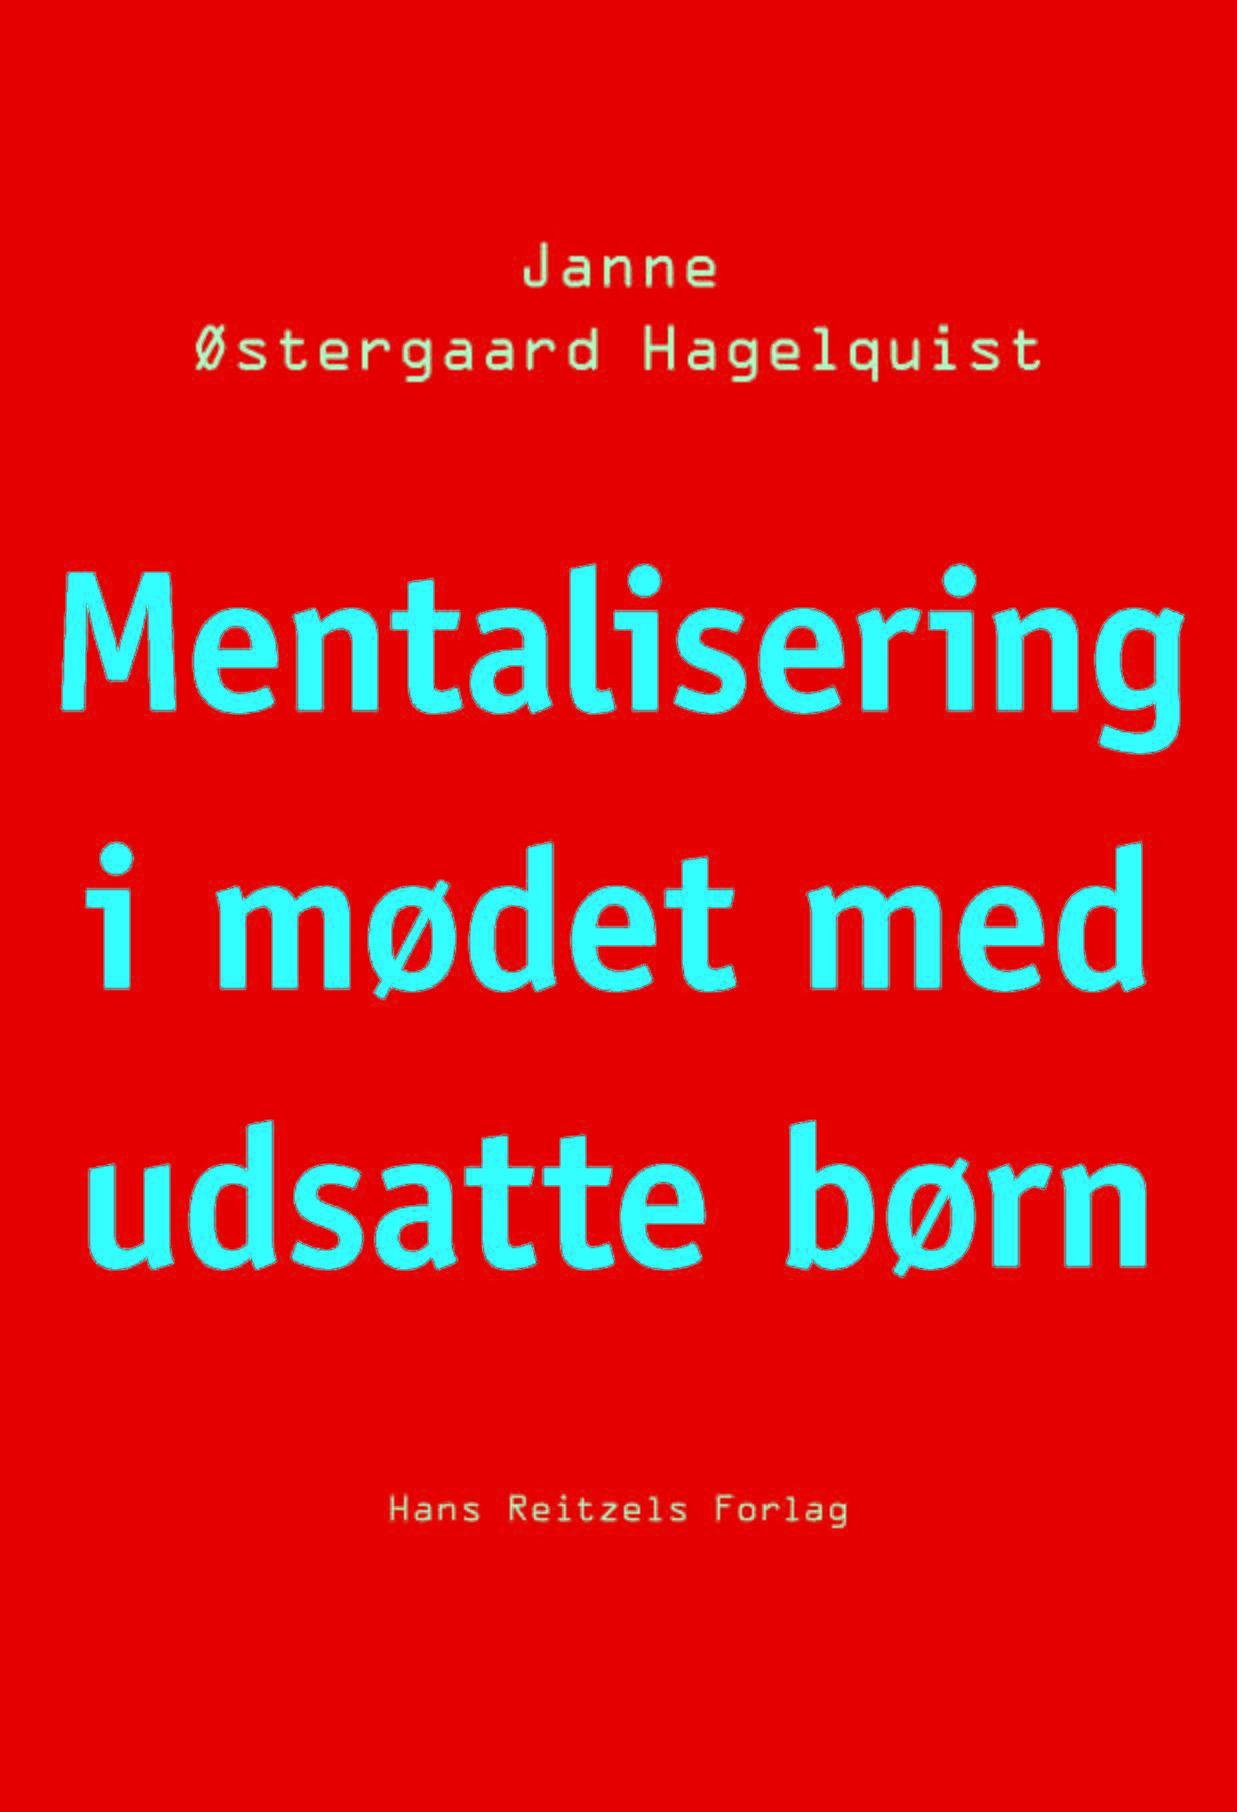 hvad betyder mentalisering